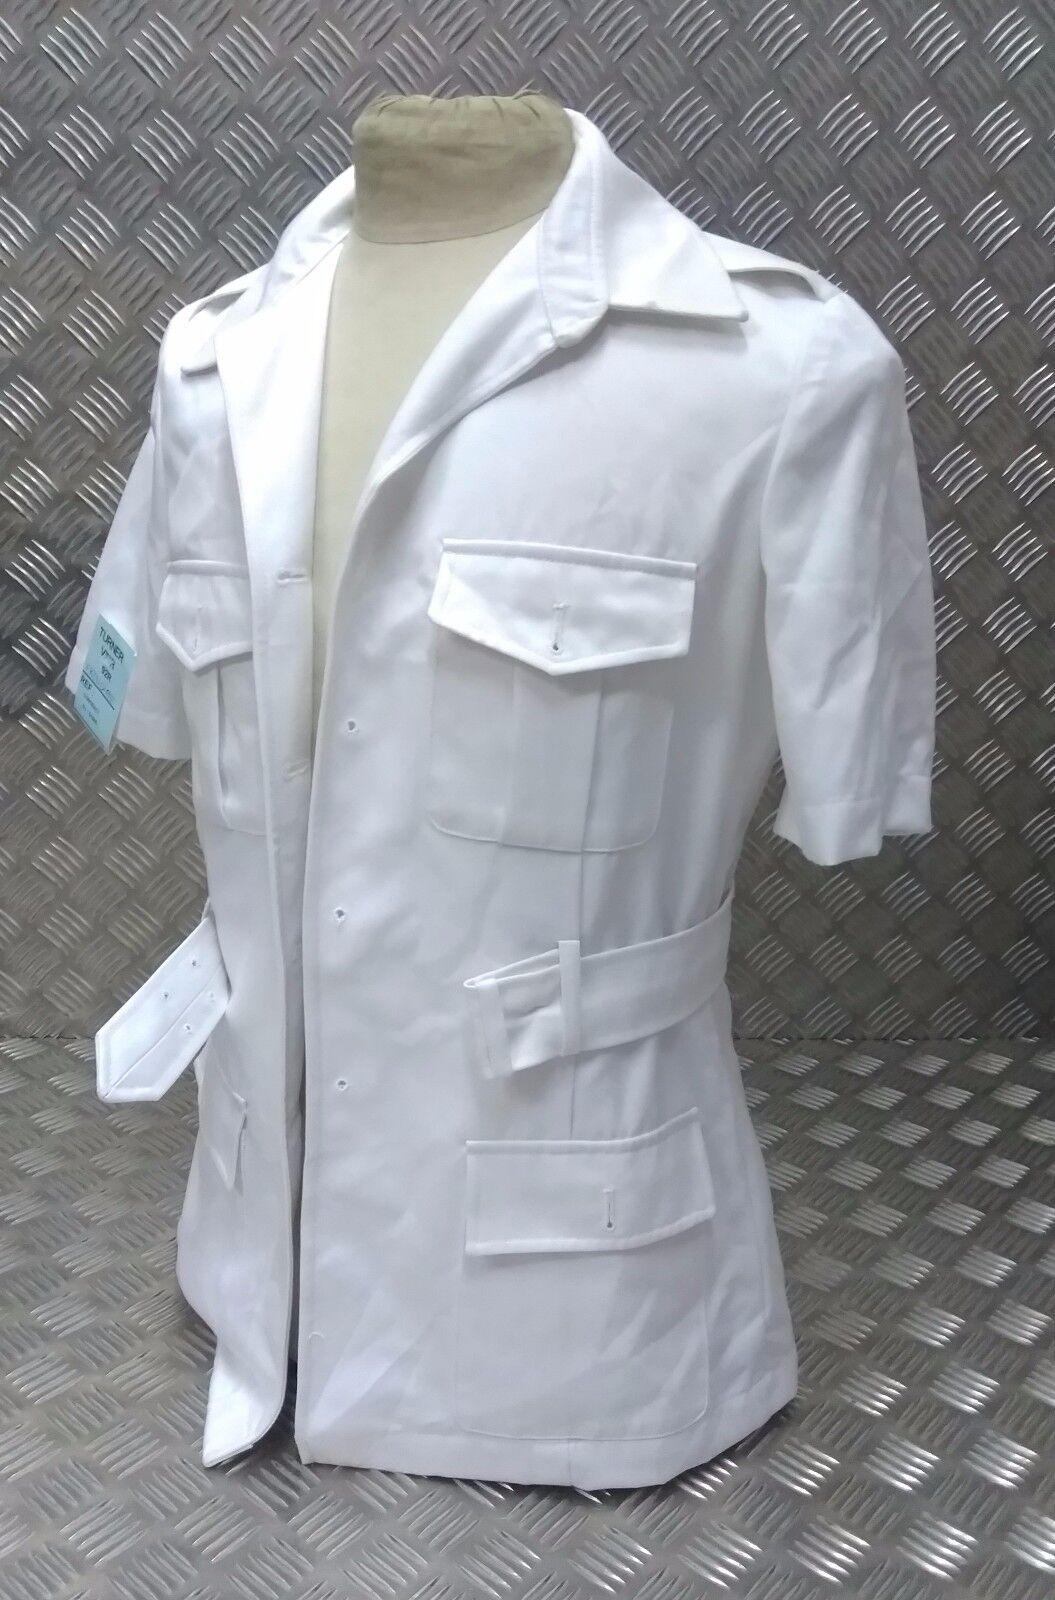 Royauté Britannique Véritable Bleu Marine Blanc pour pour pour Femmes Officiers No1.BW & da016a